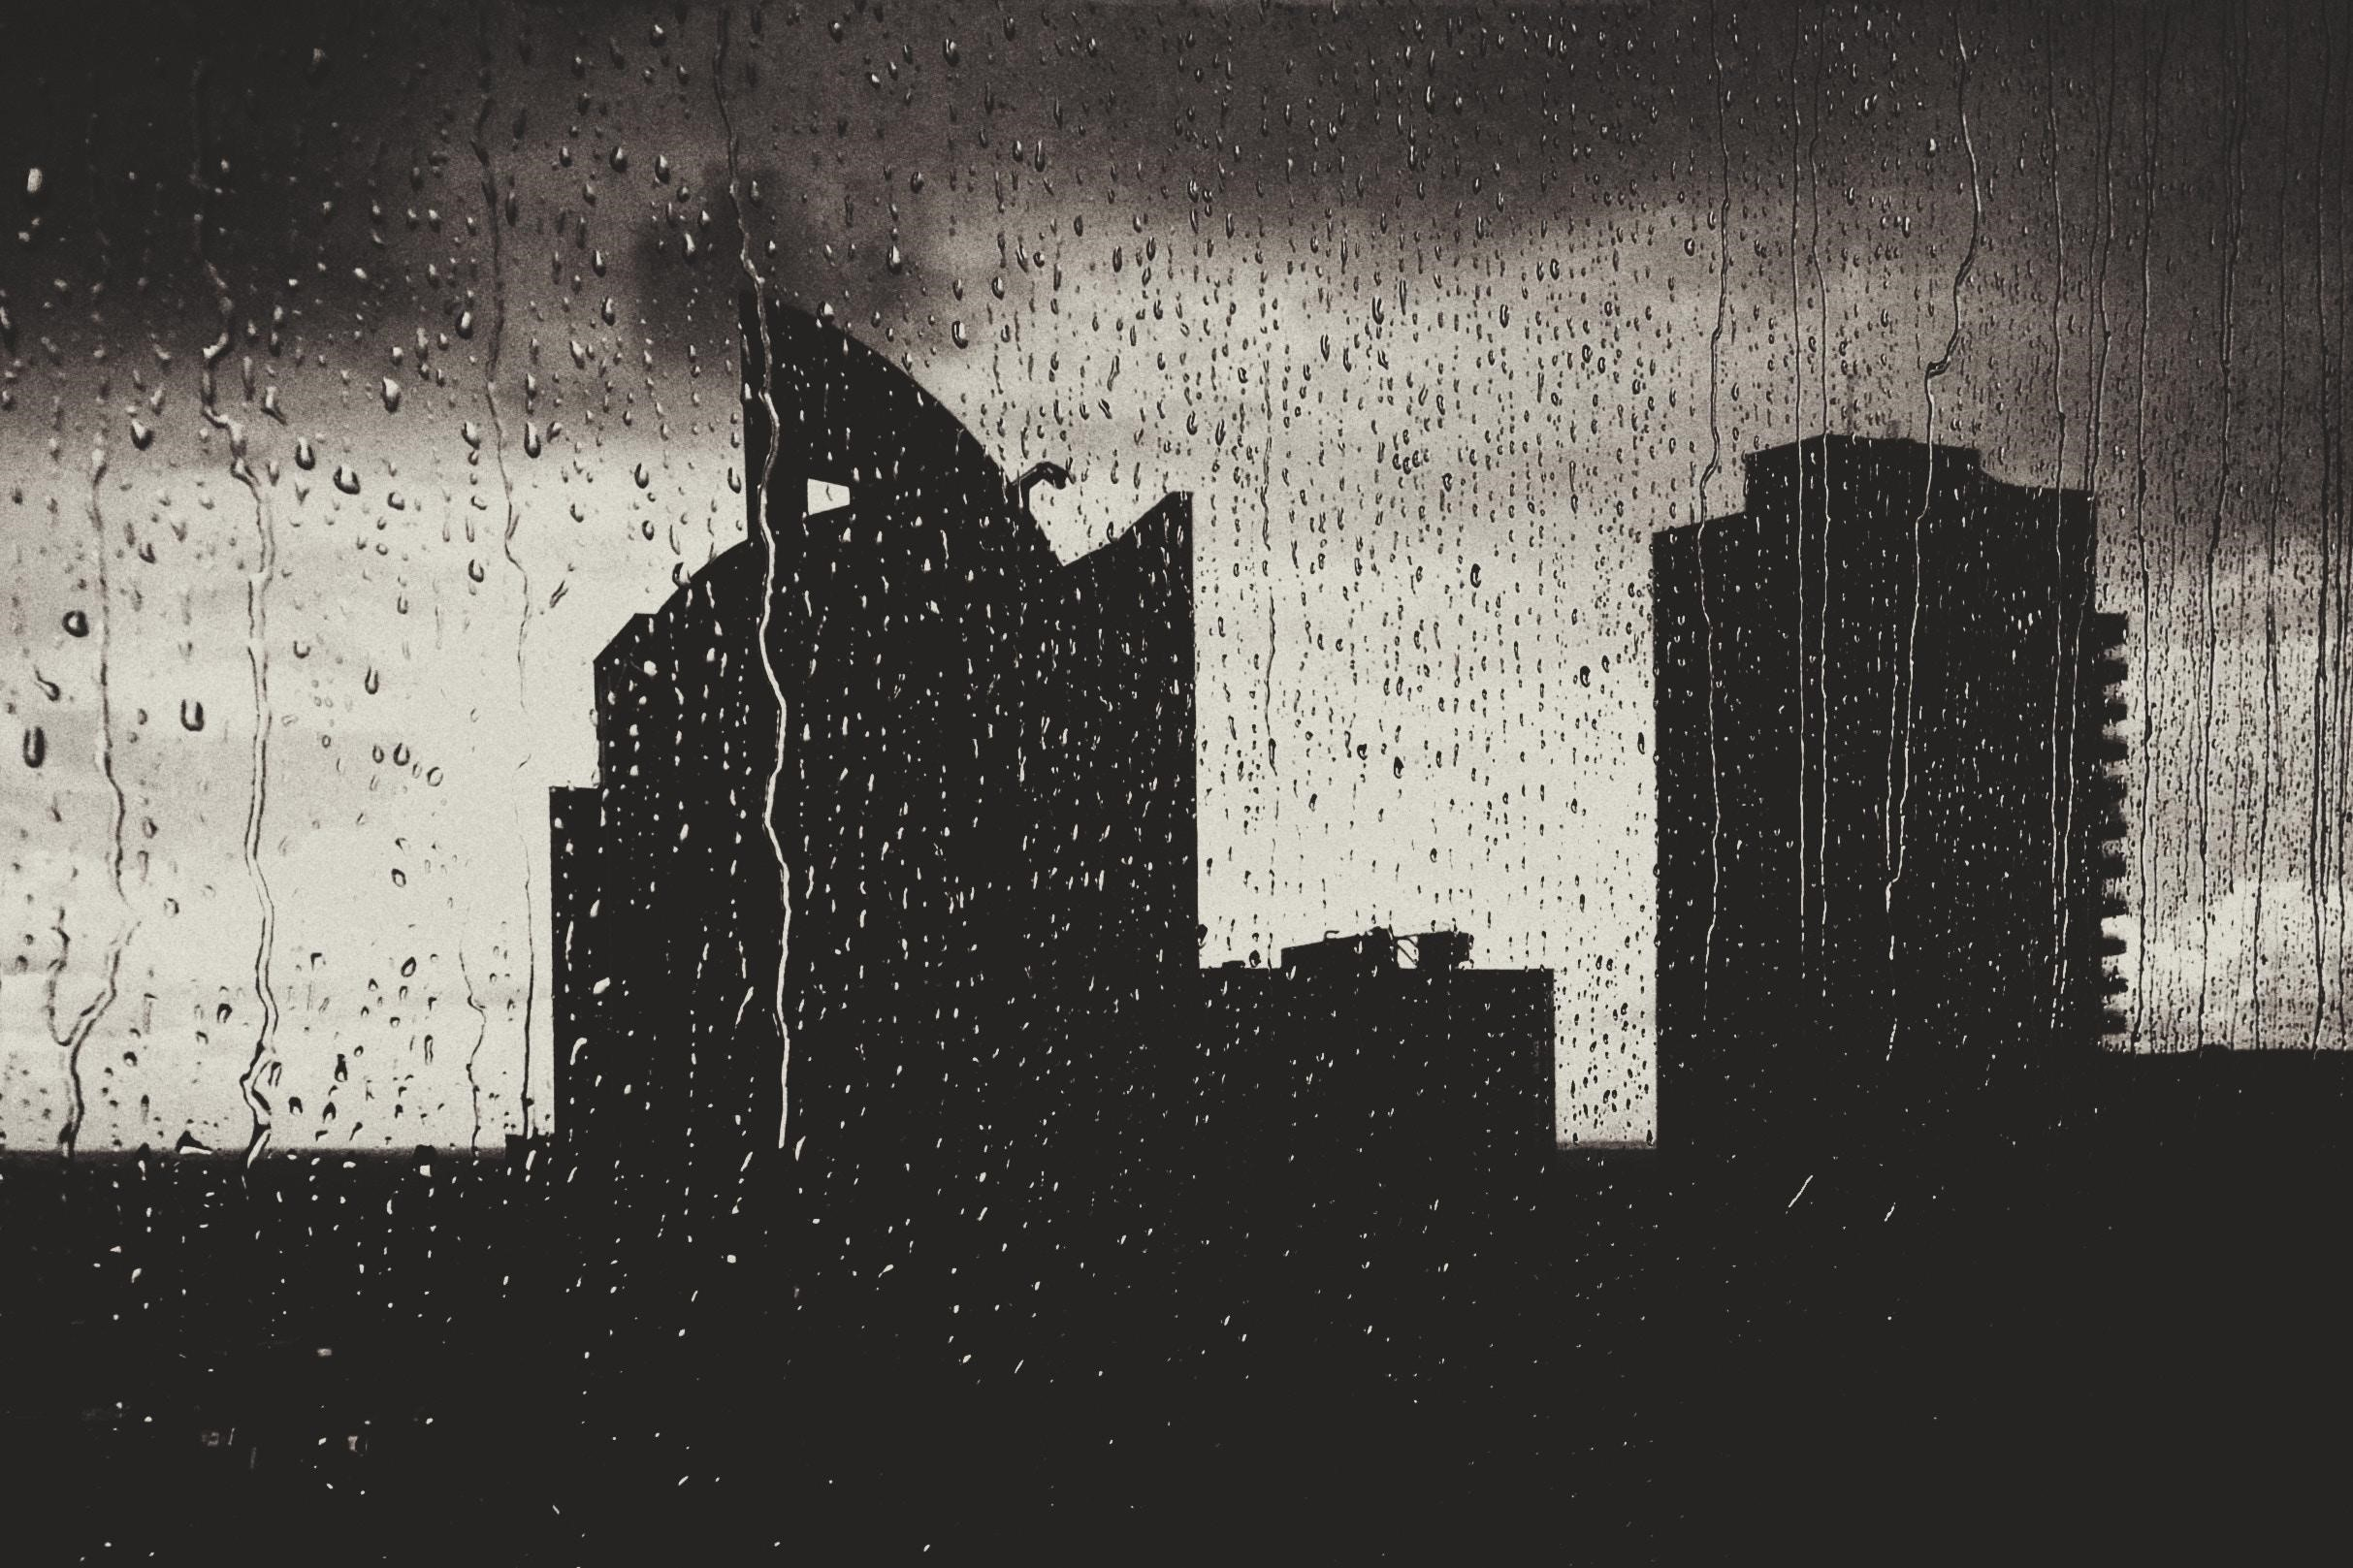 劇烈天氣變化,窗外一片灰暗,暴雨來襲